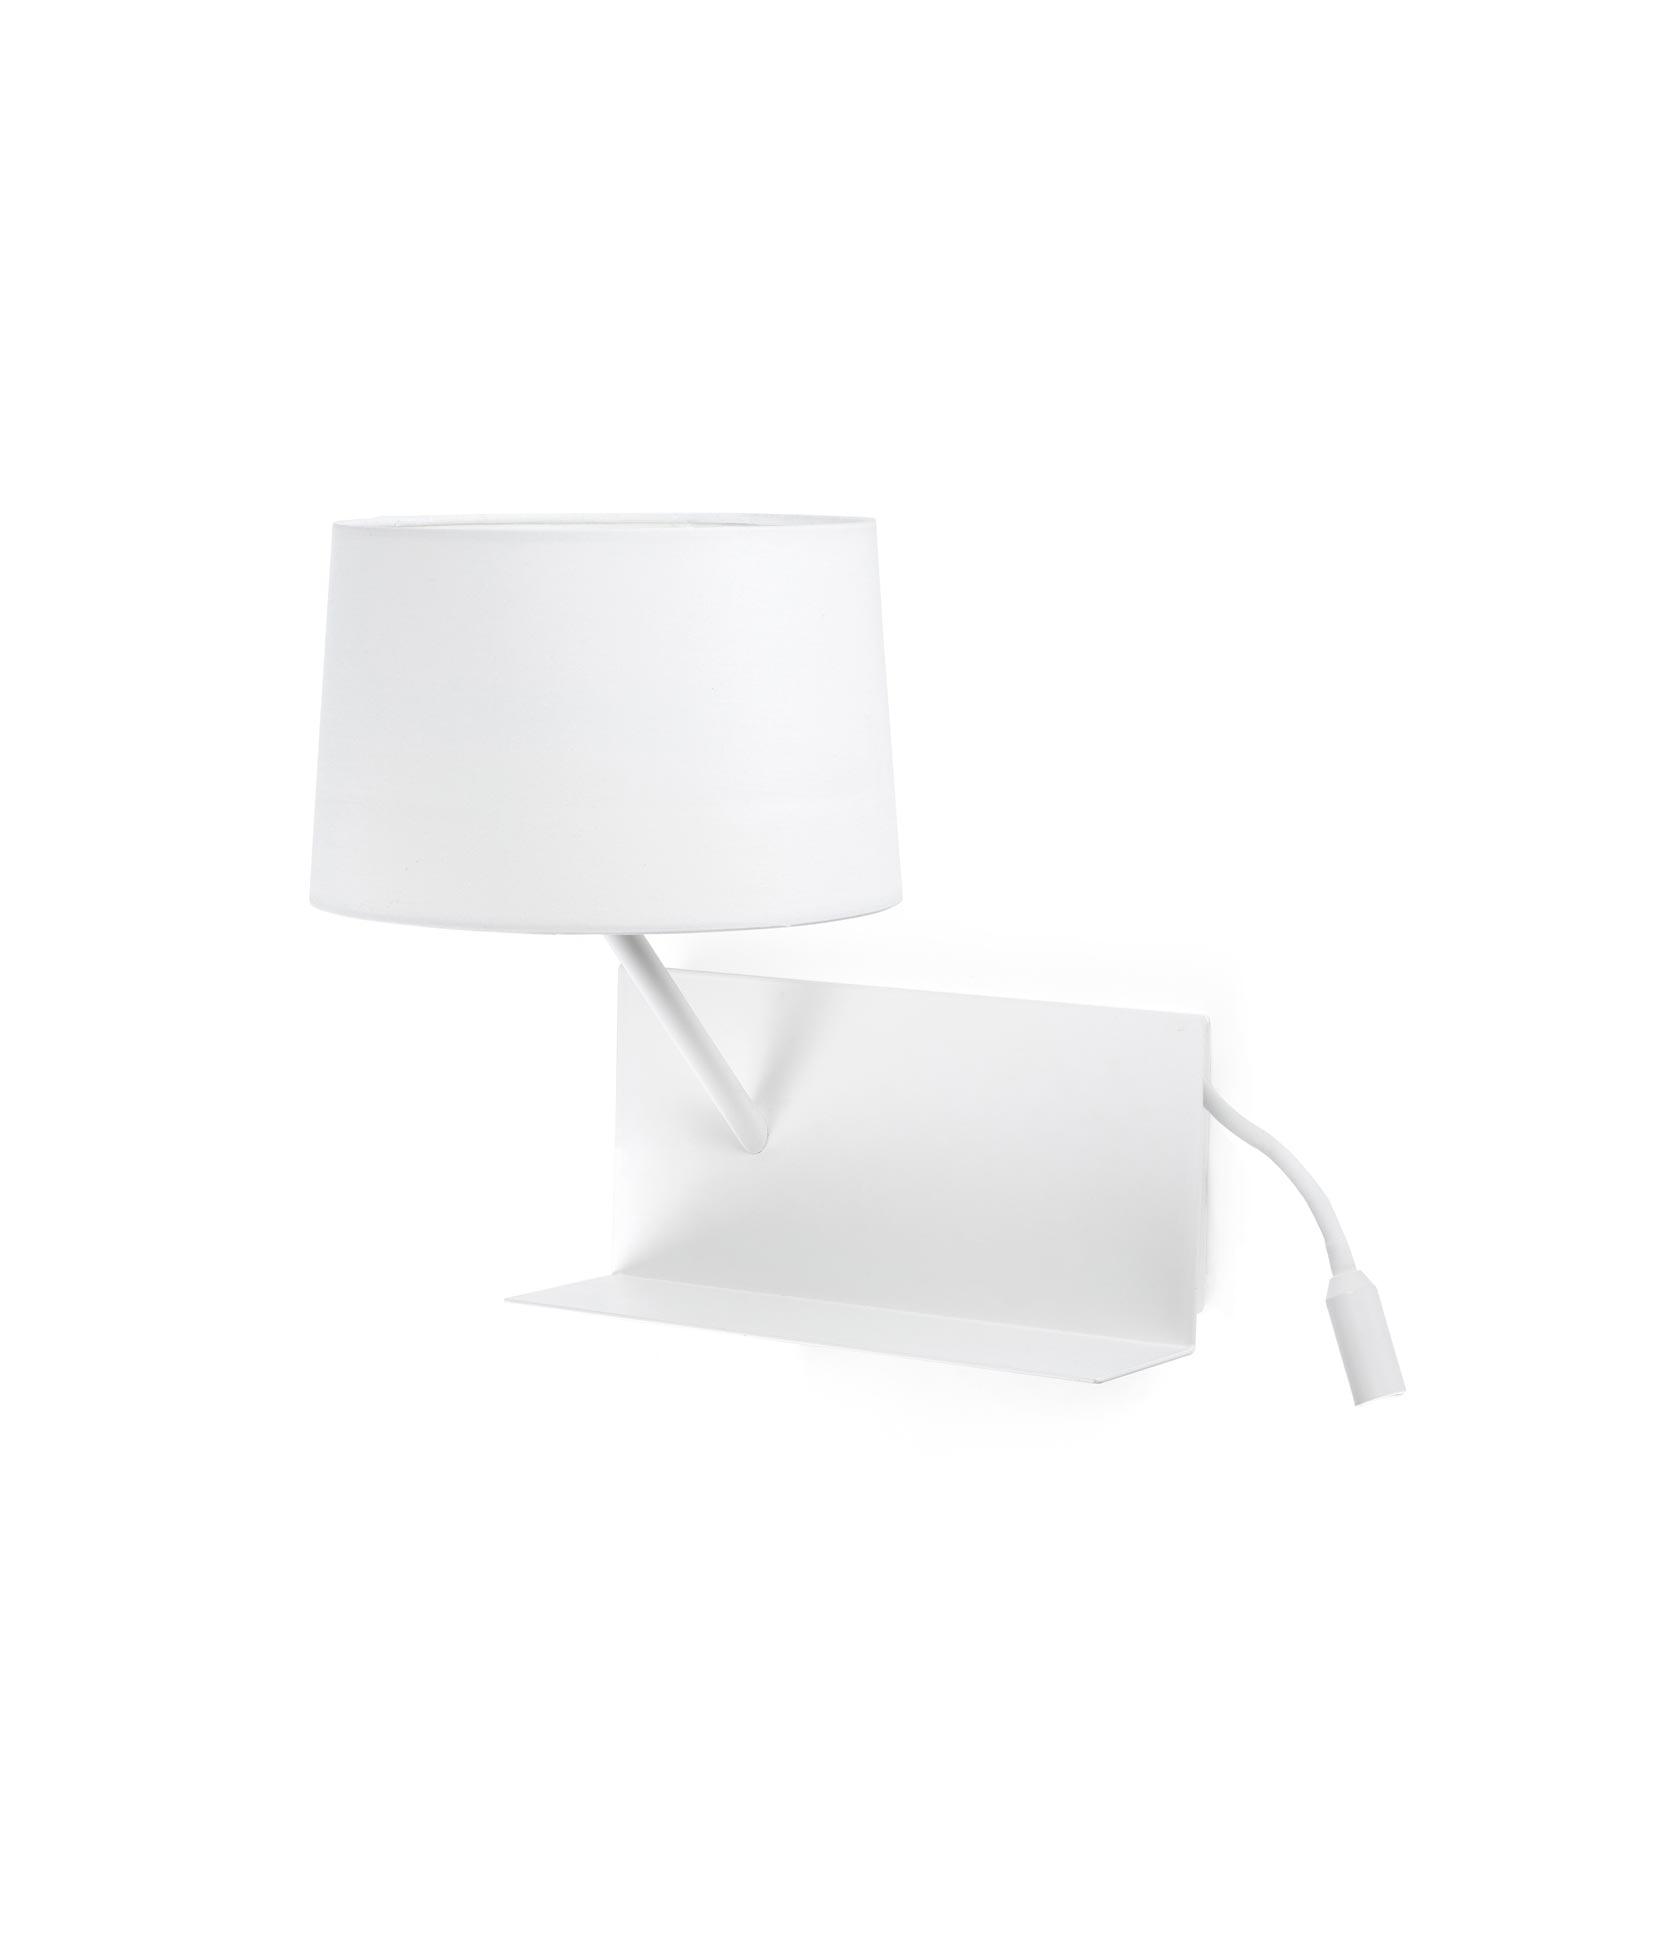 Lámpara aplique con lector LED izquierda HANDY blanca